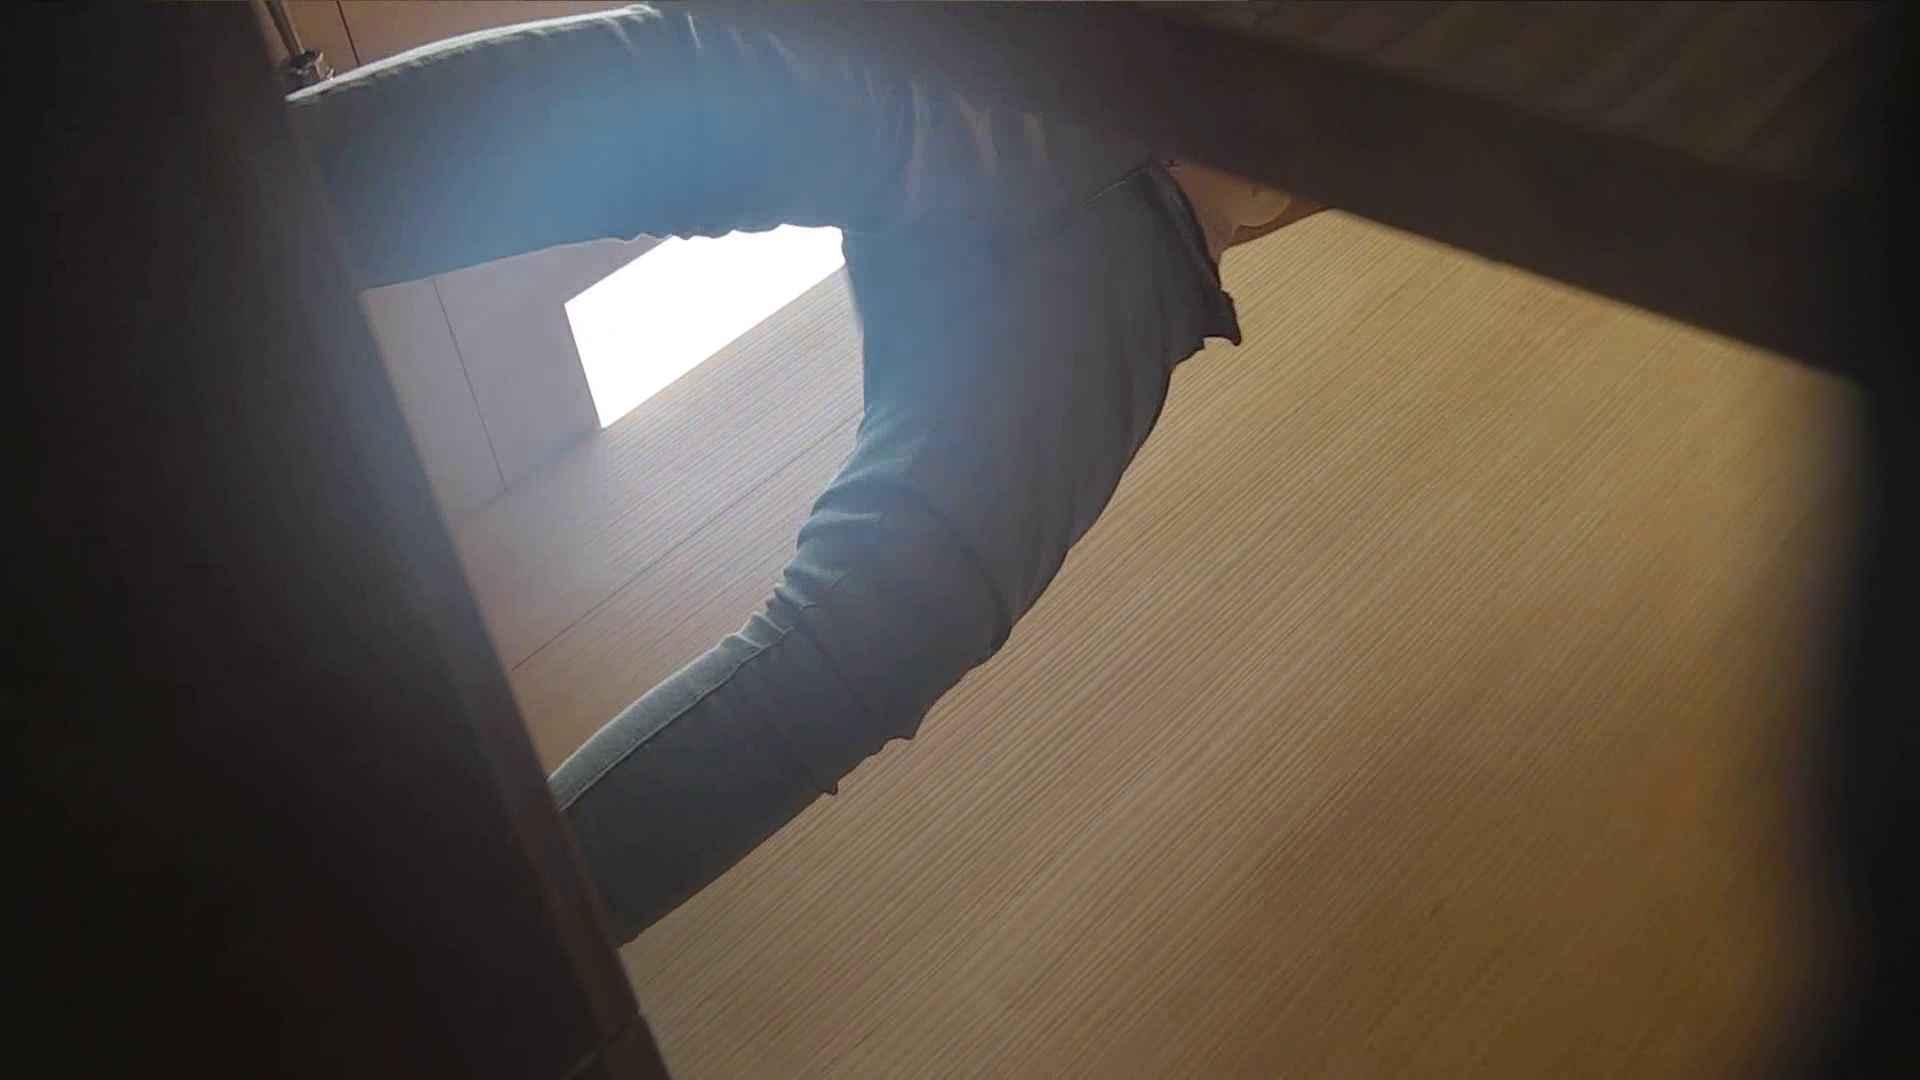 阿国ちゃんの「和式洋式七変化」No.18 iBO(フタコブ) ギャルズ | 和式・女子用  98画像 55